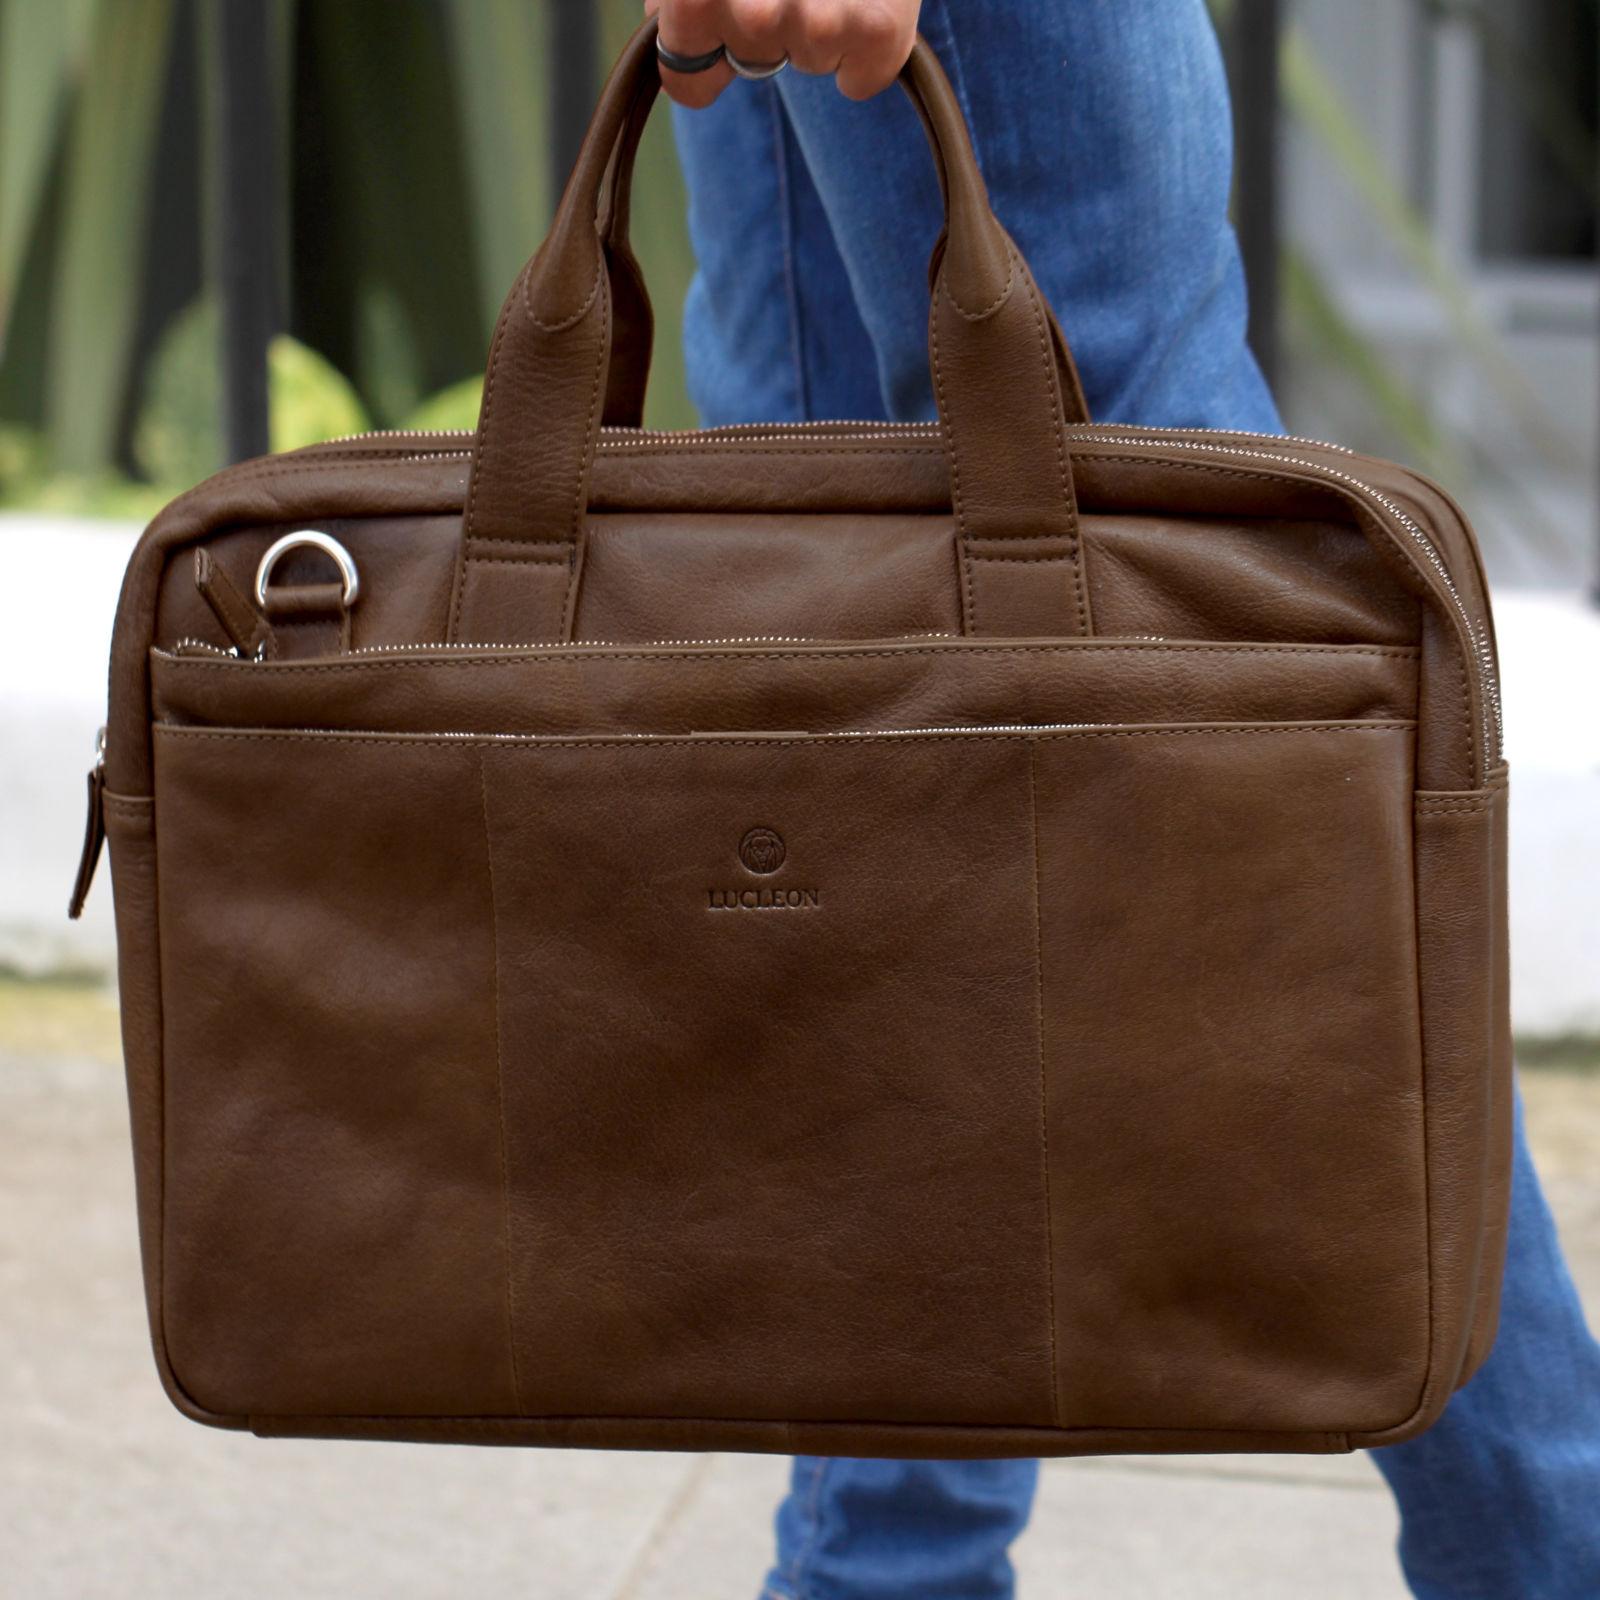 Ruskea California-laukku kannettavalle tietokoneelle  44f461ea25